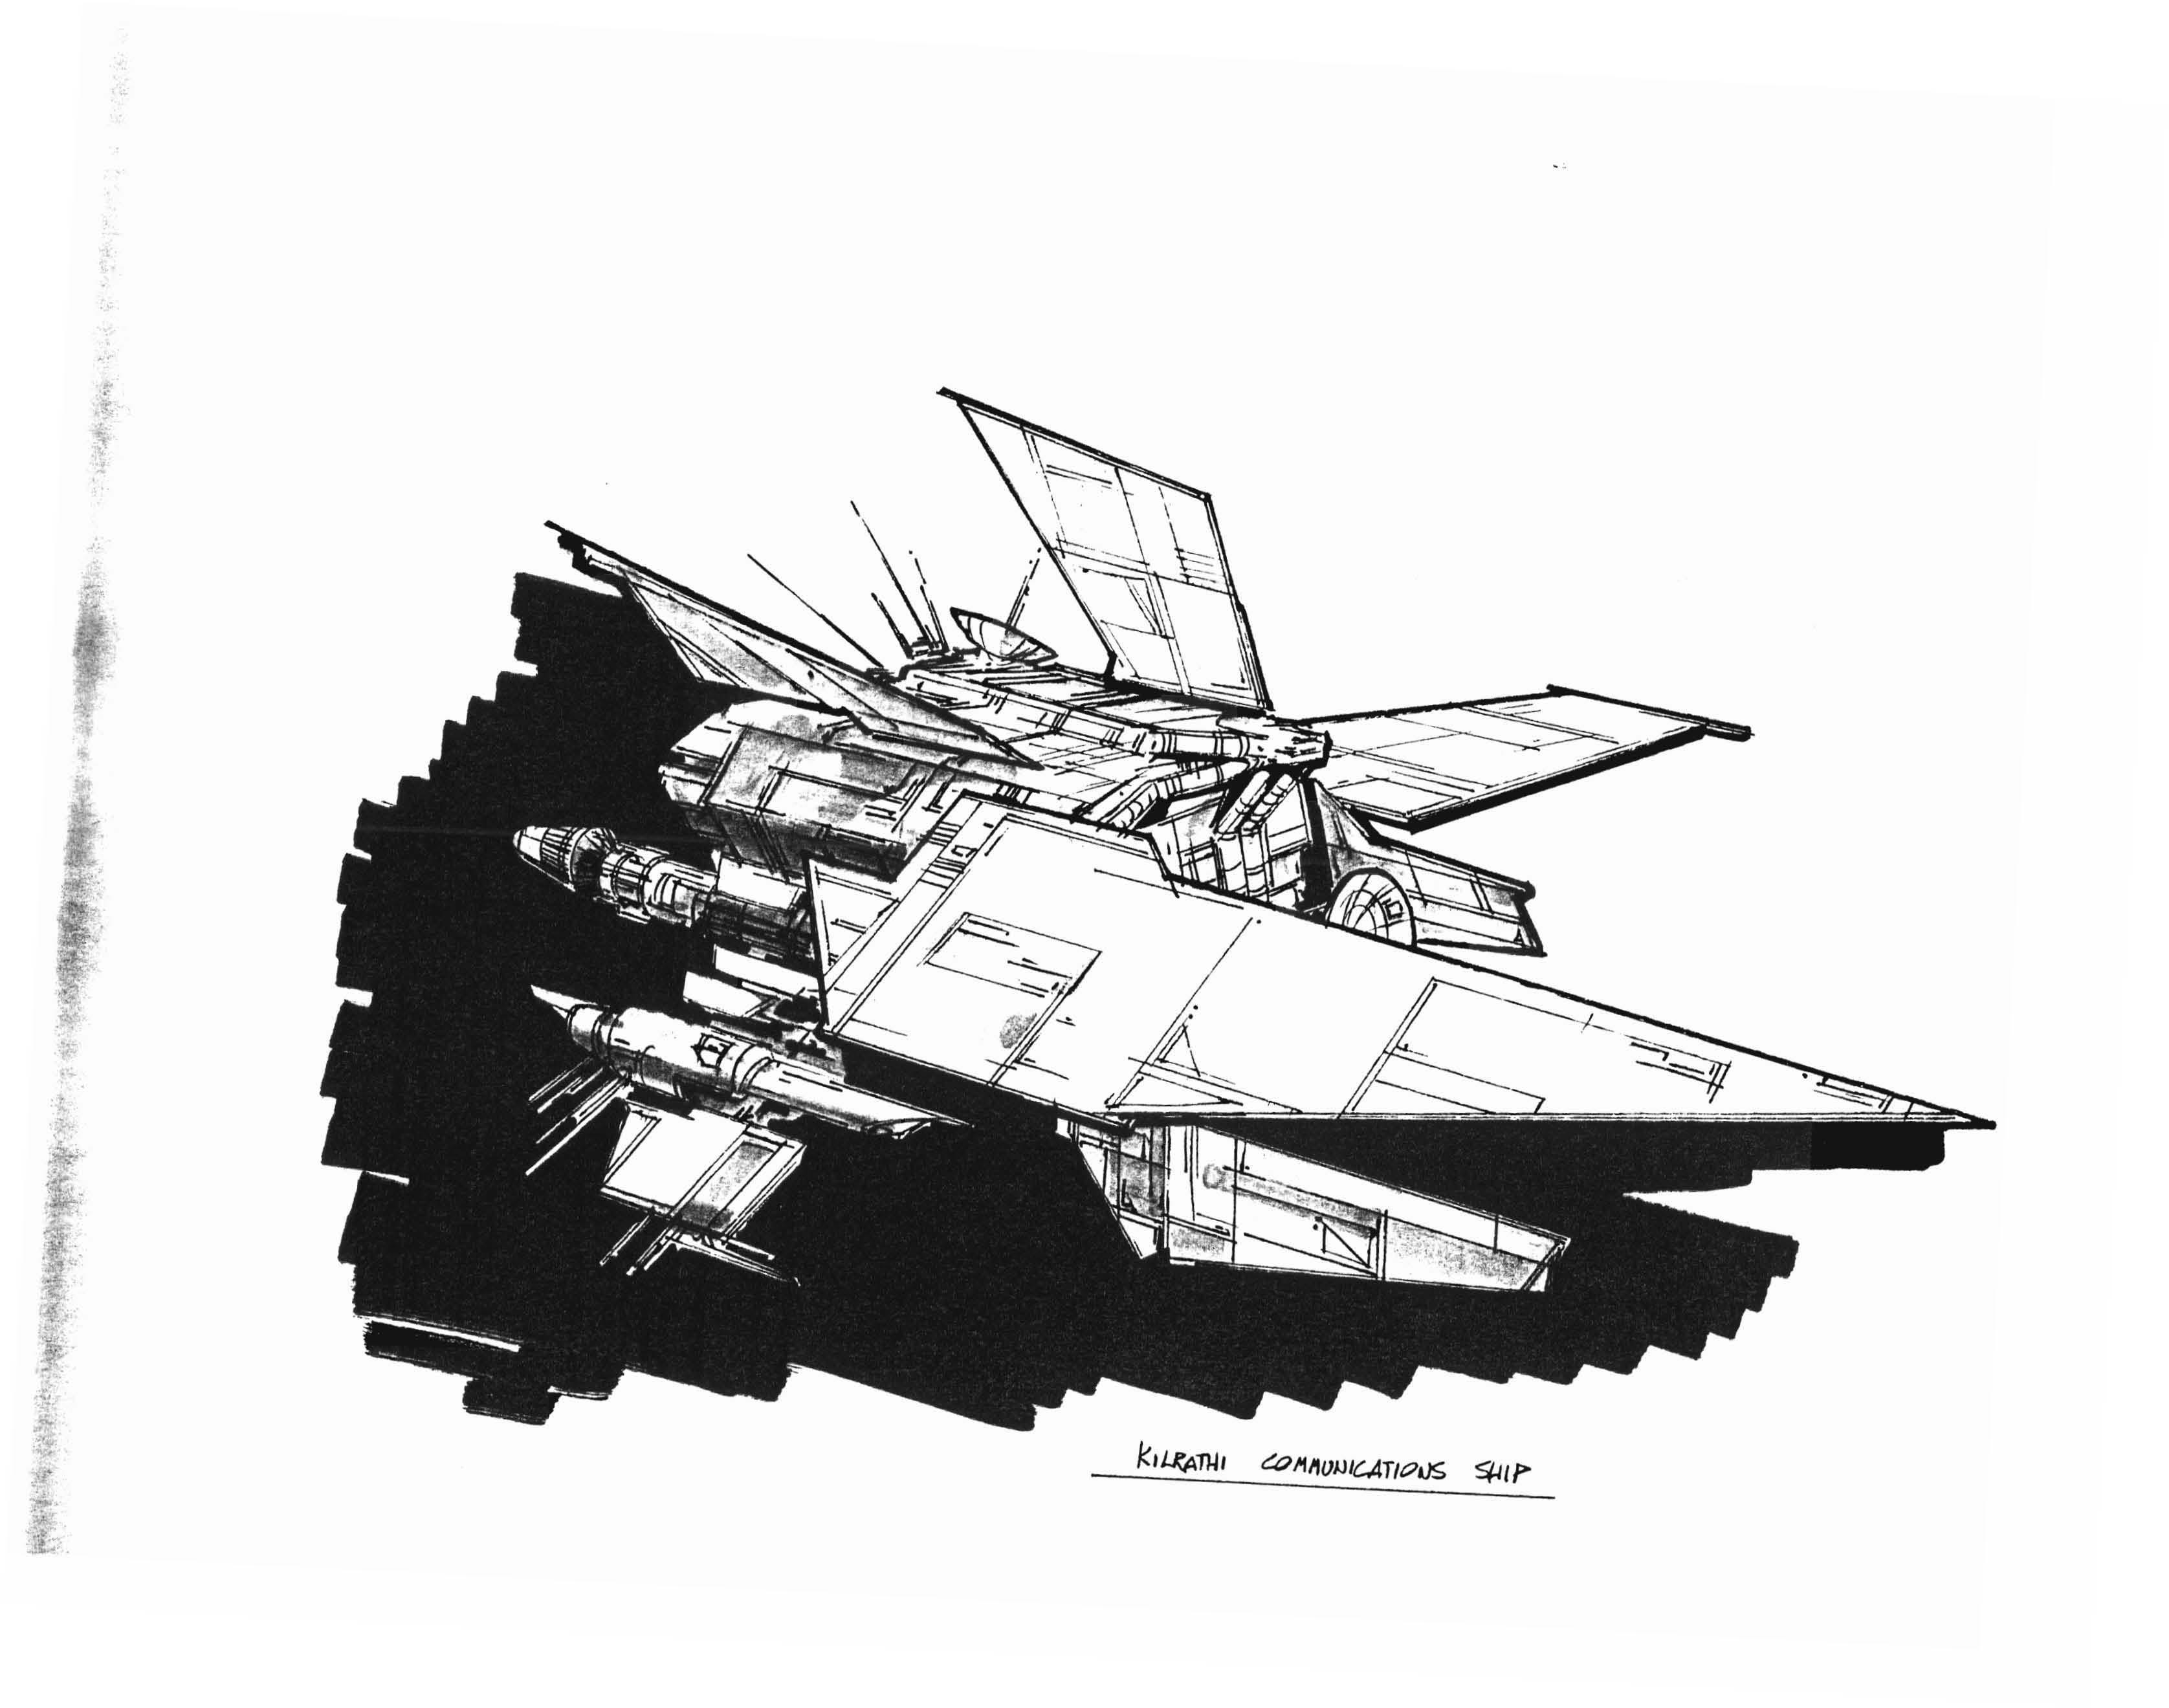 Kilrathi-Comm-Ship